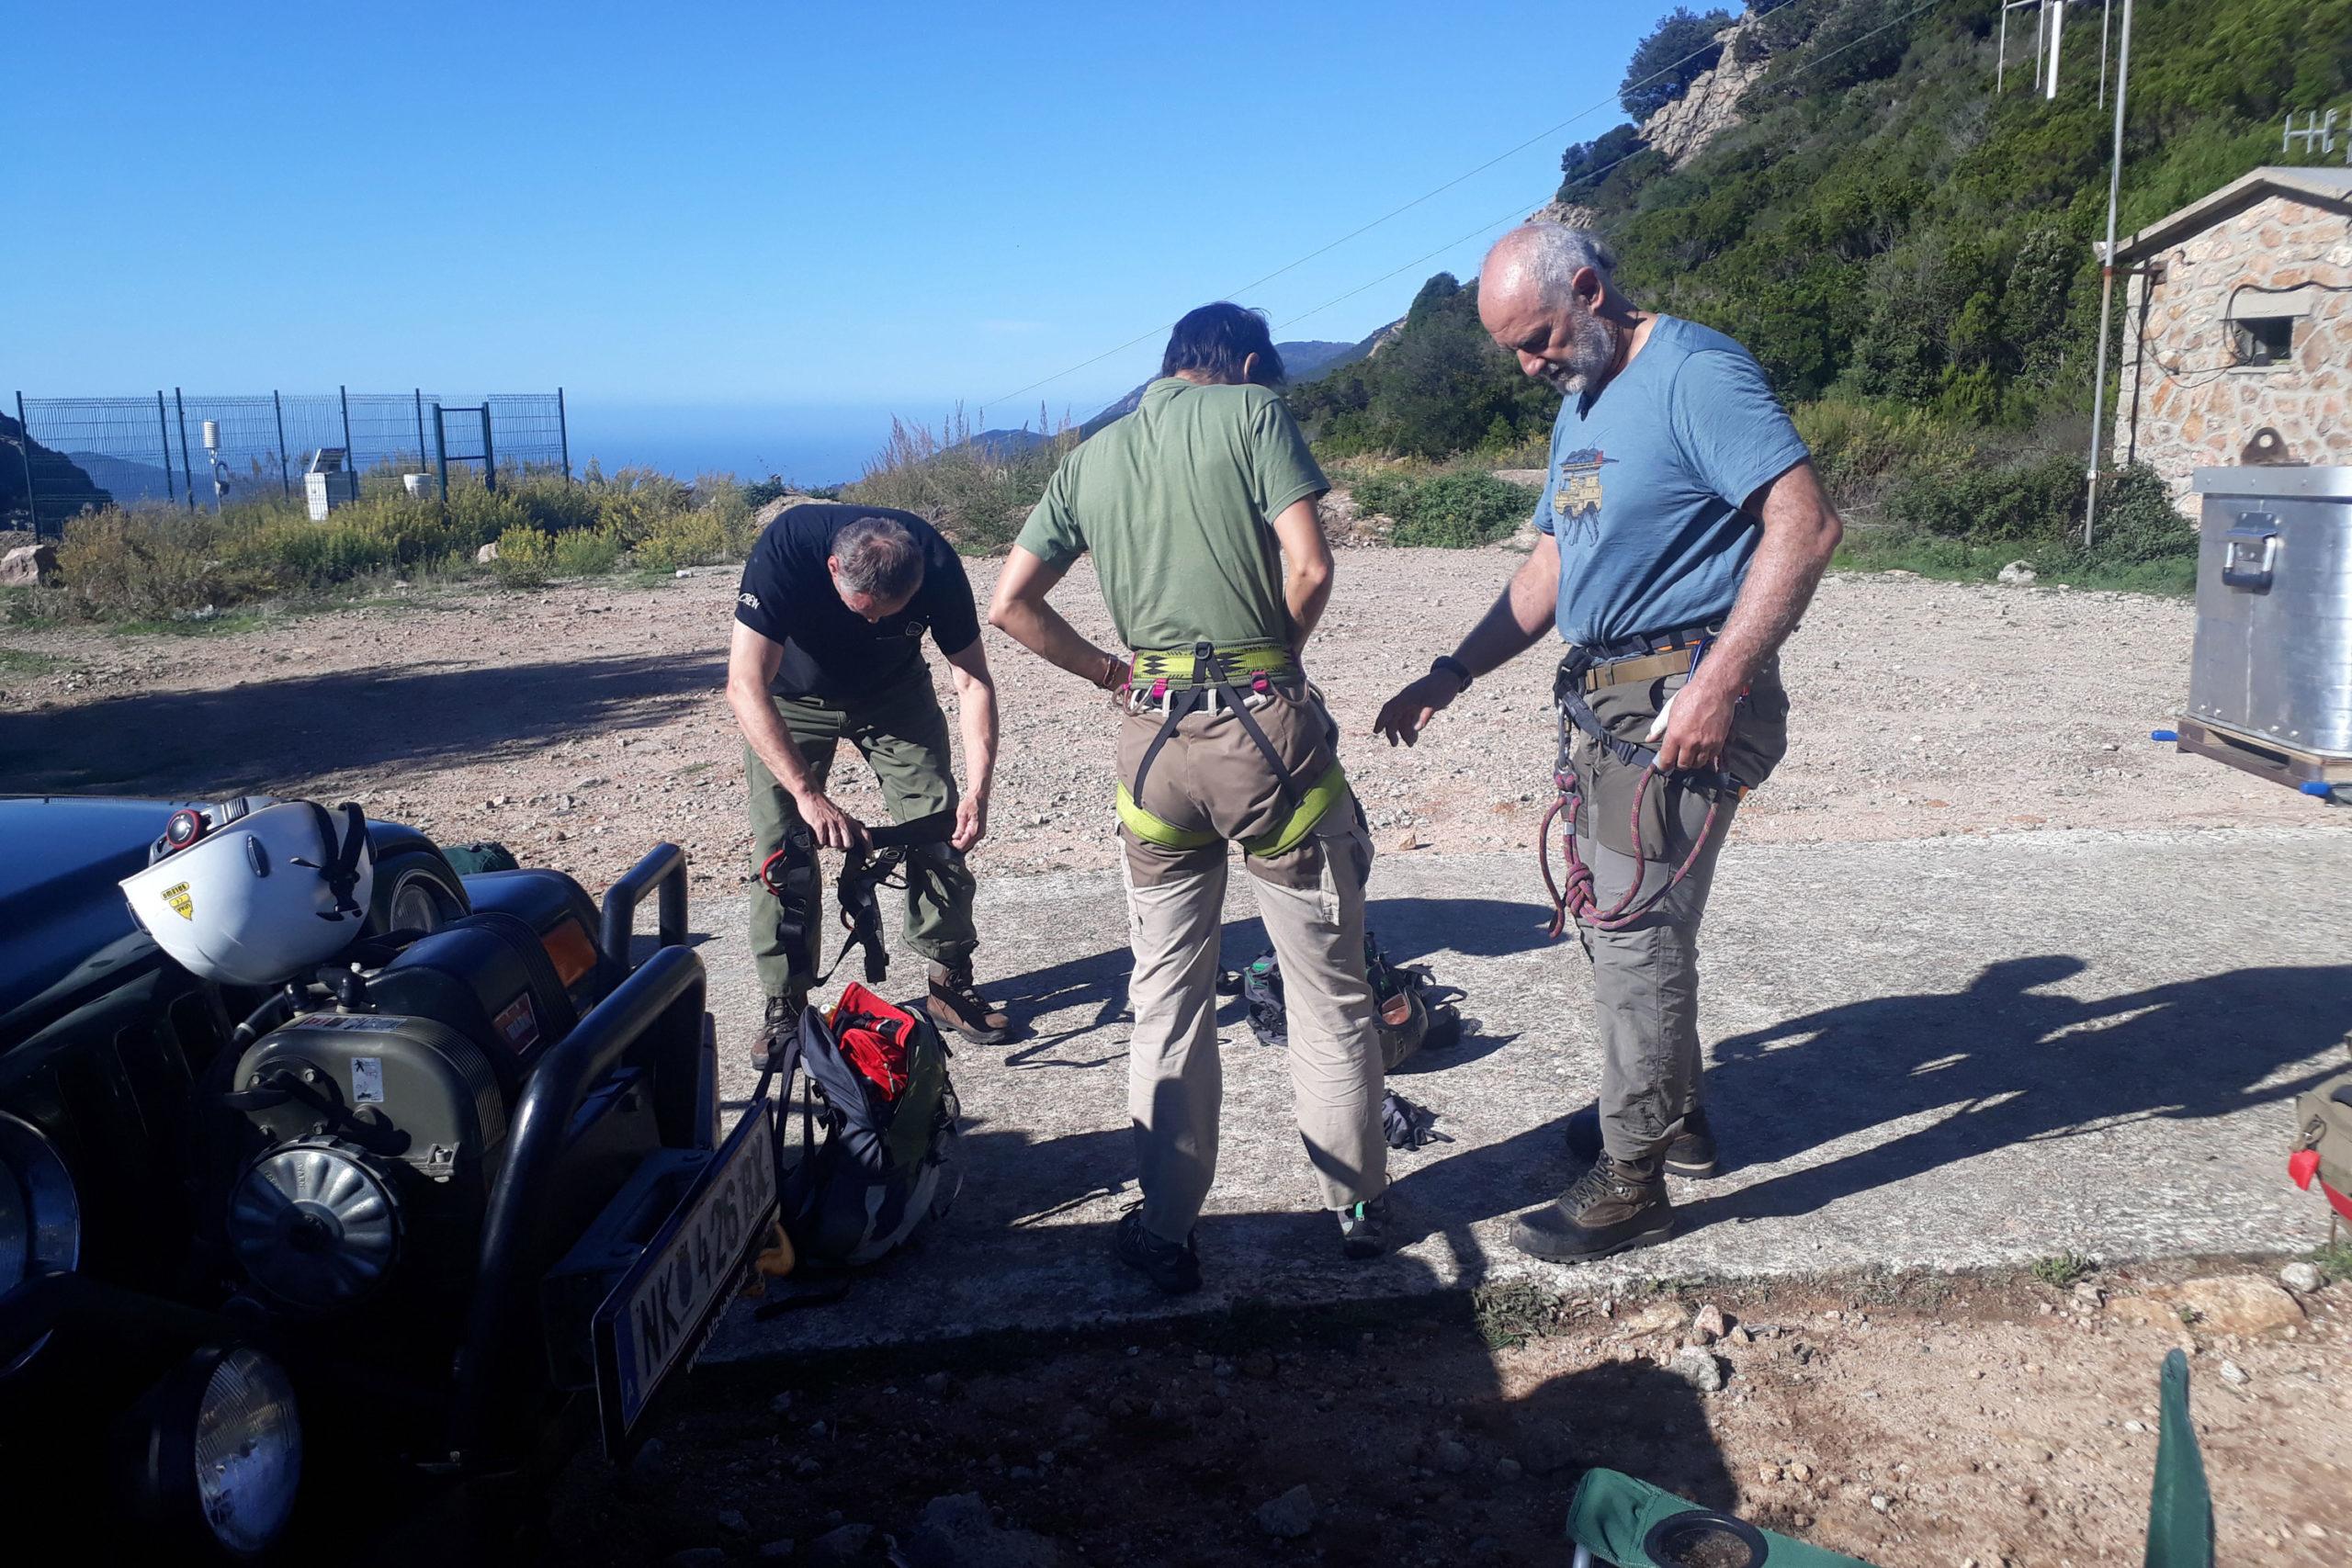 Abenteuerliches Korsika offroad mit Piskorz & Piskorz 9